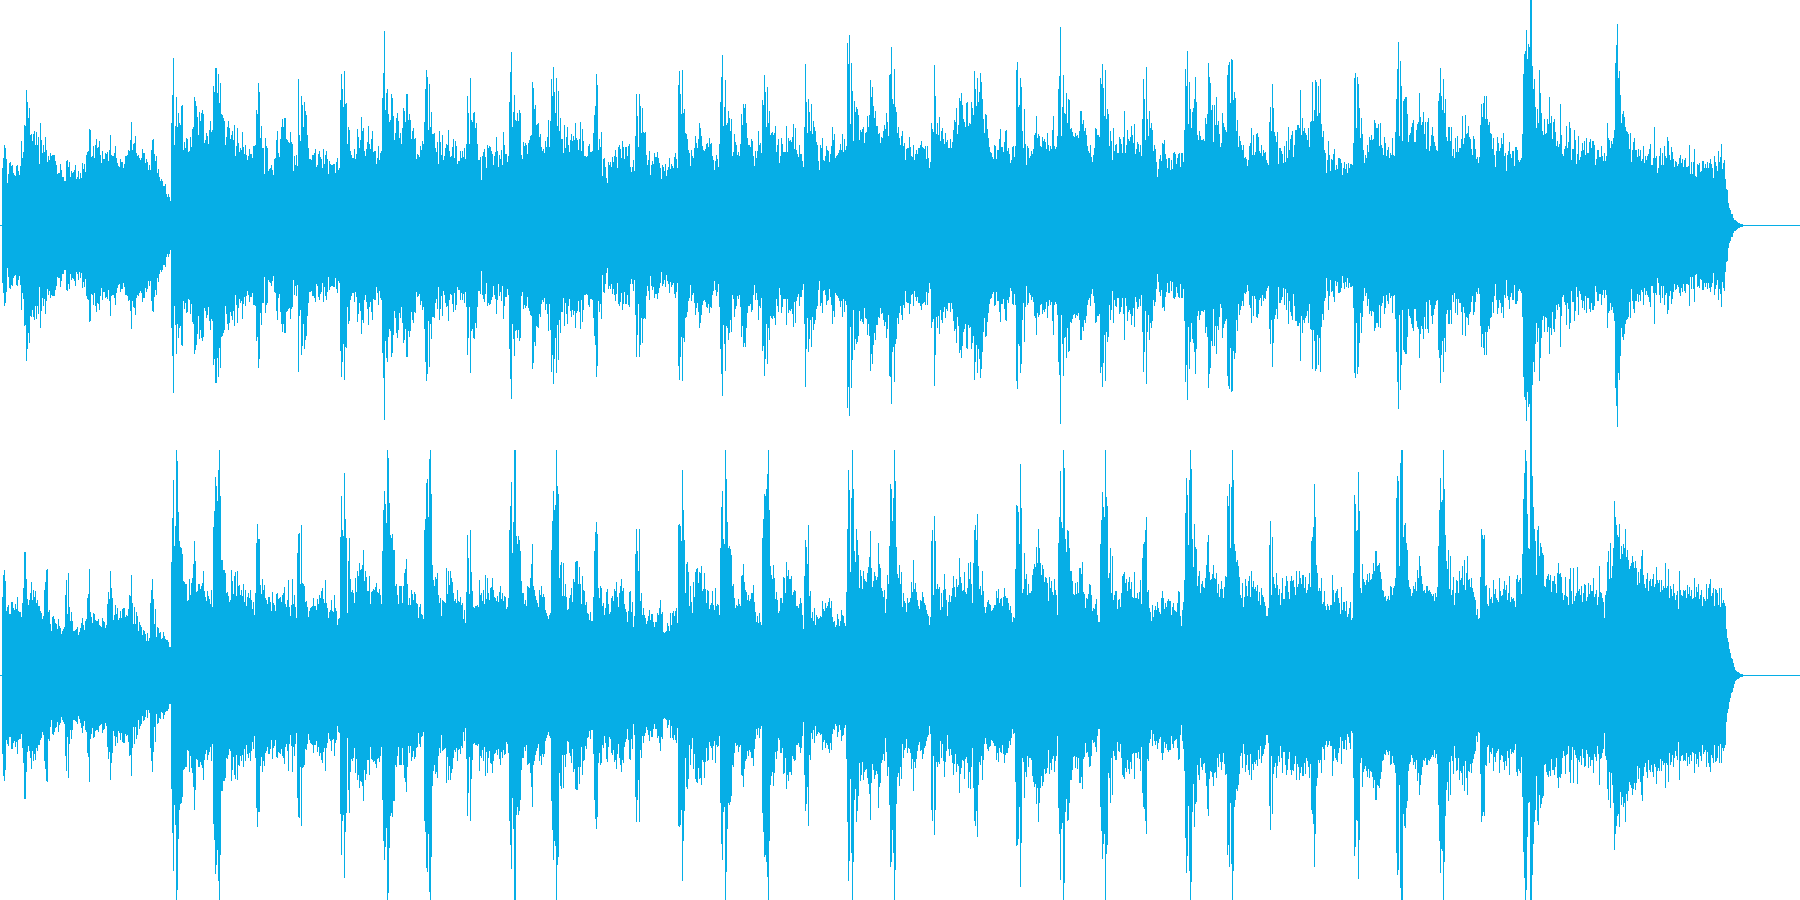 上品で優雅な雰囲気のストリングス曲の再生済みの波形